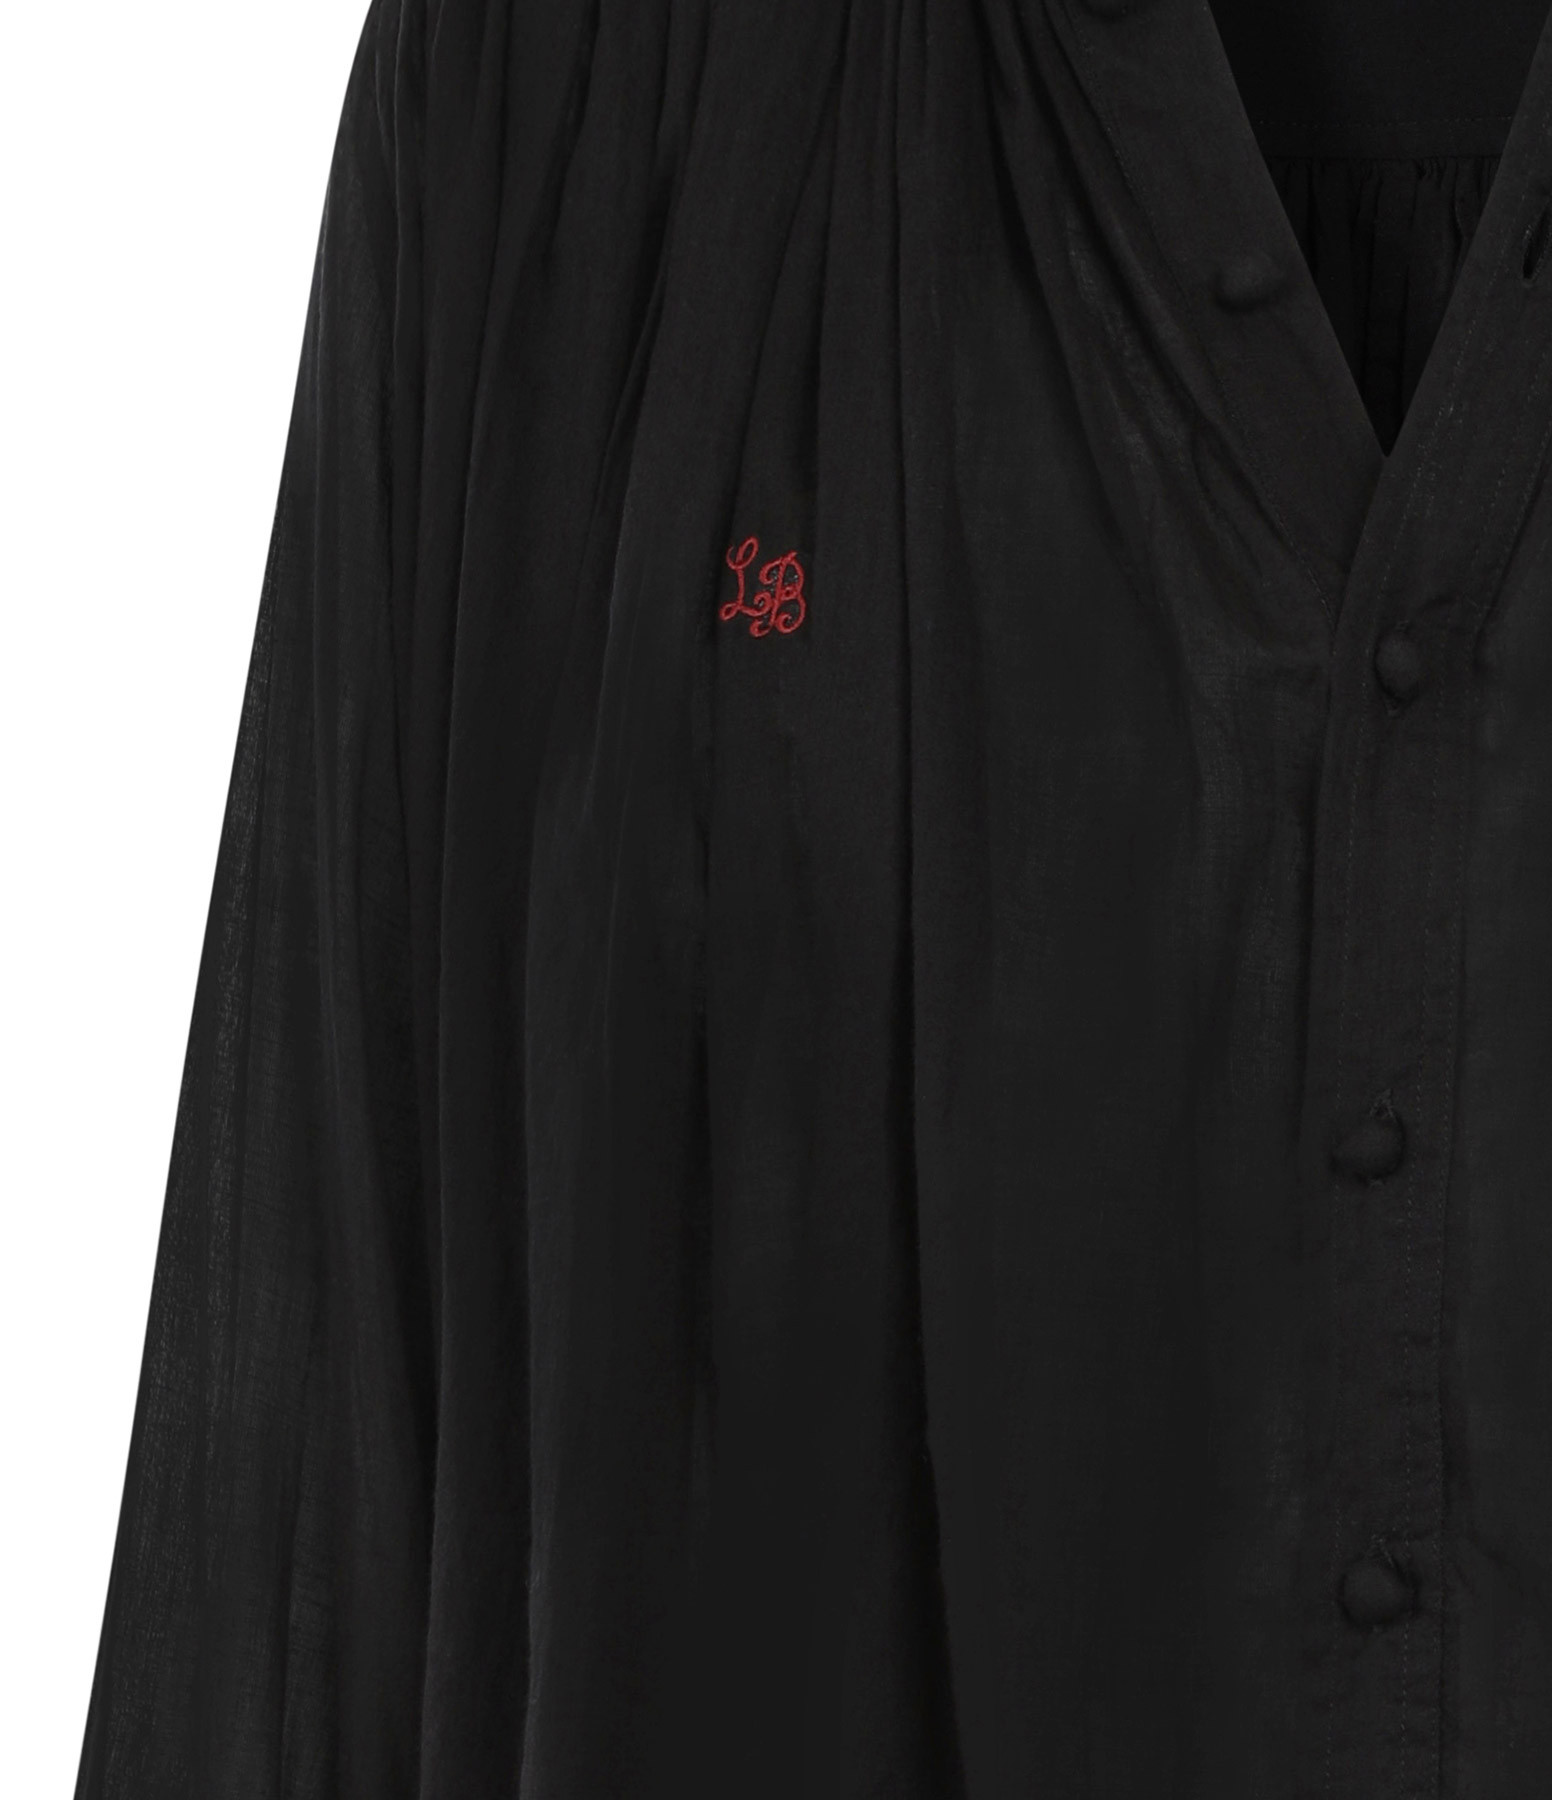 LAURENCE BRAS - Blouse Cigar Coton Noir